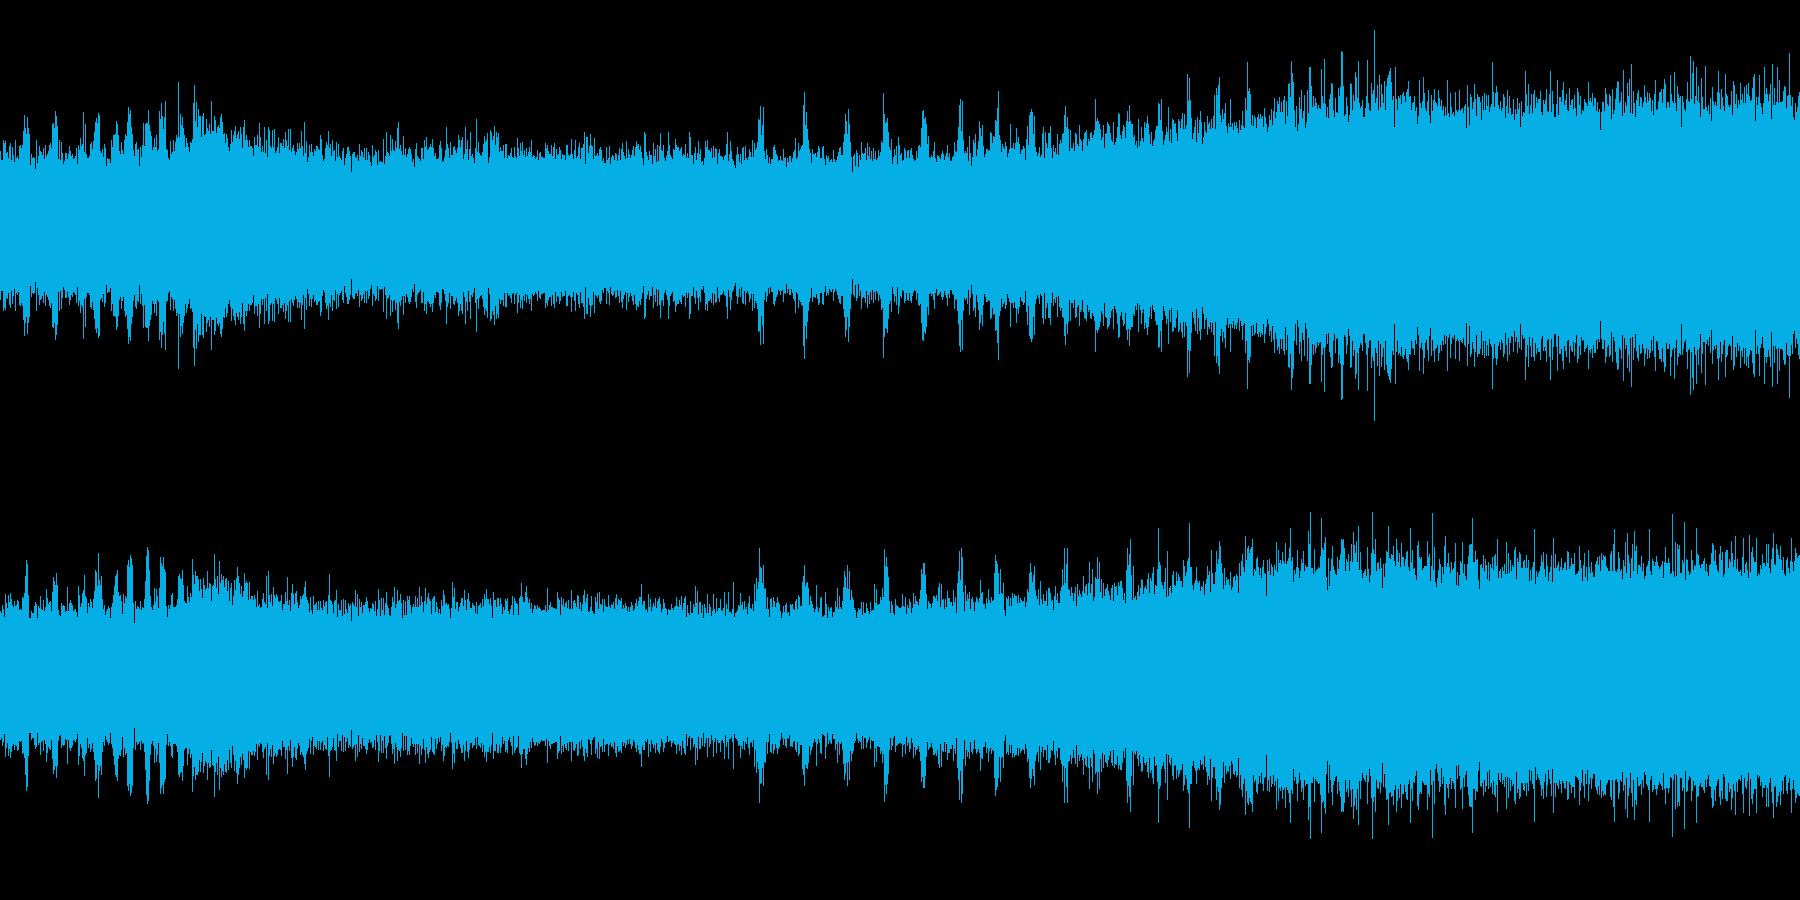 ツクツクボウシの鳴き声(遠距離で合唱)の再生済みの波形